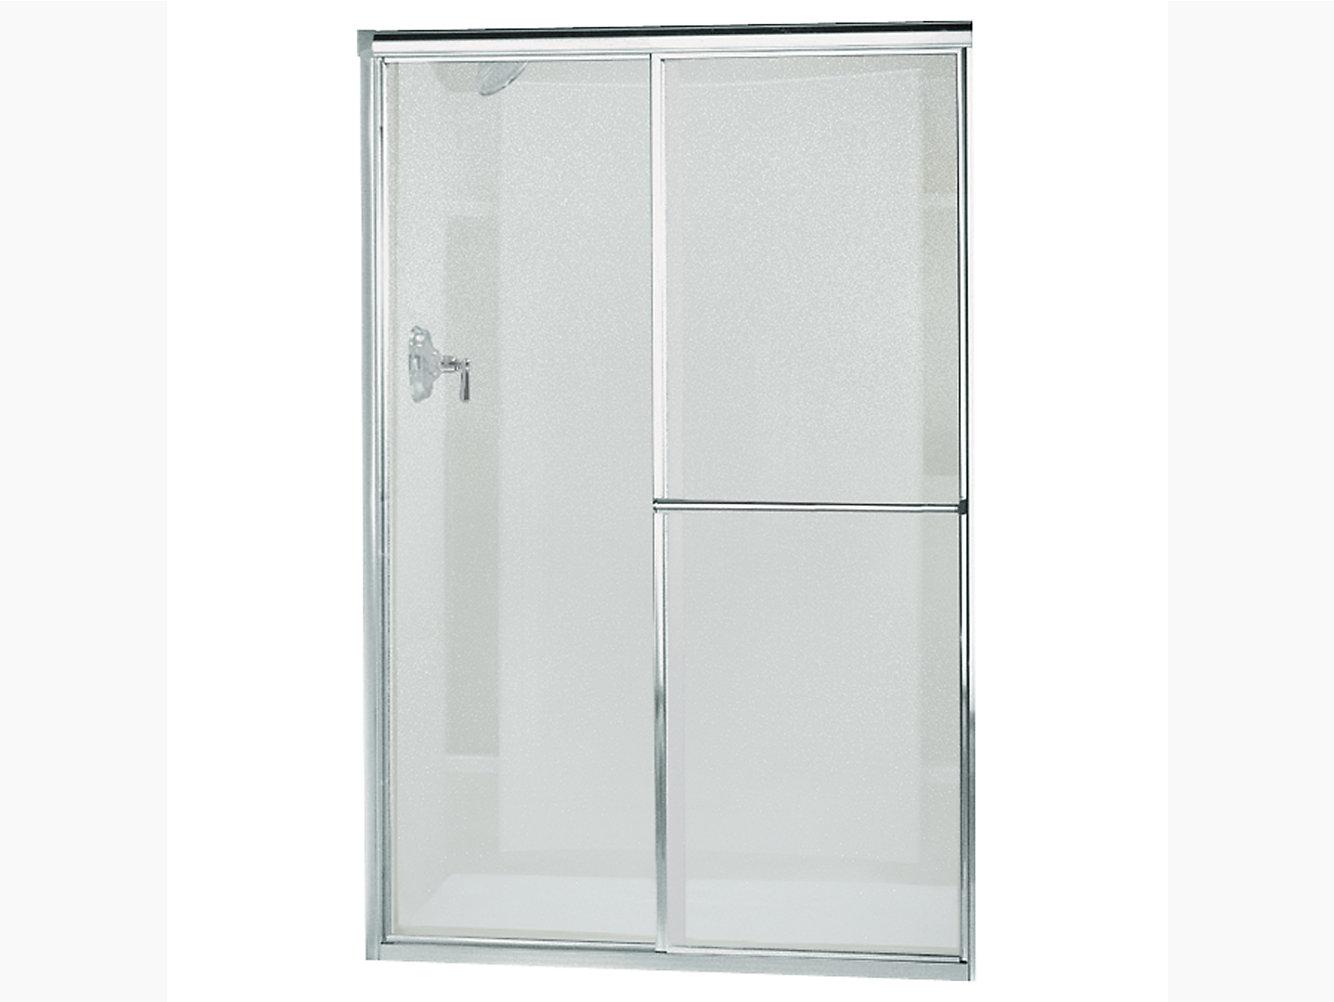 Deluxe Framed Sliding Shower Door 39\